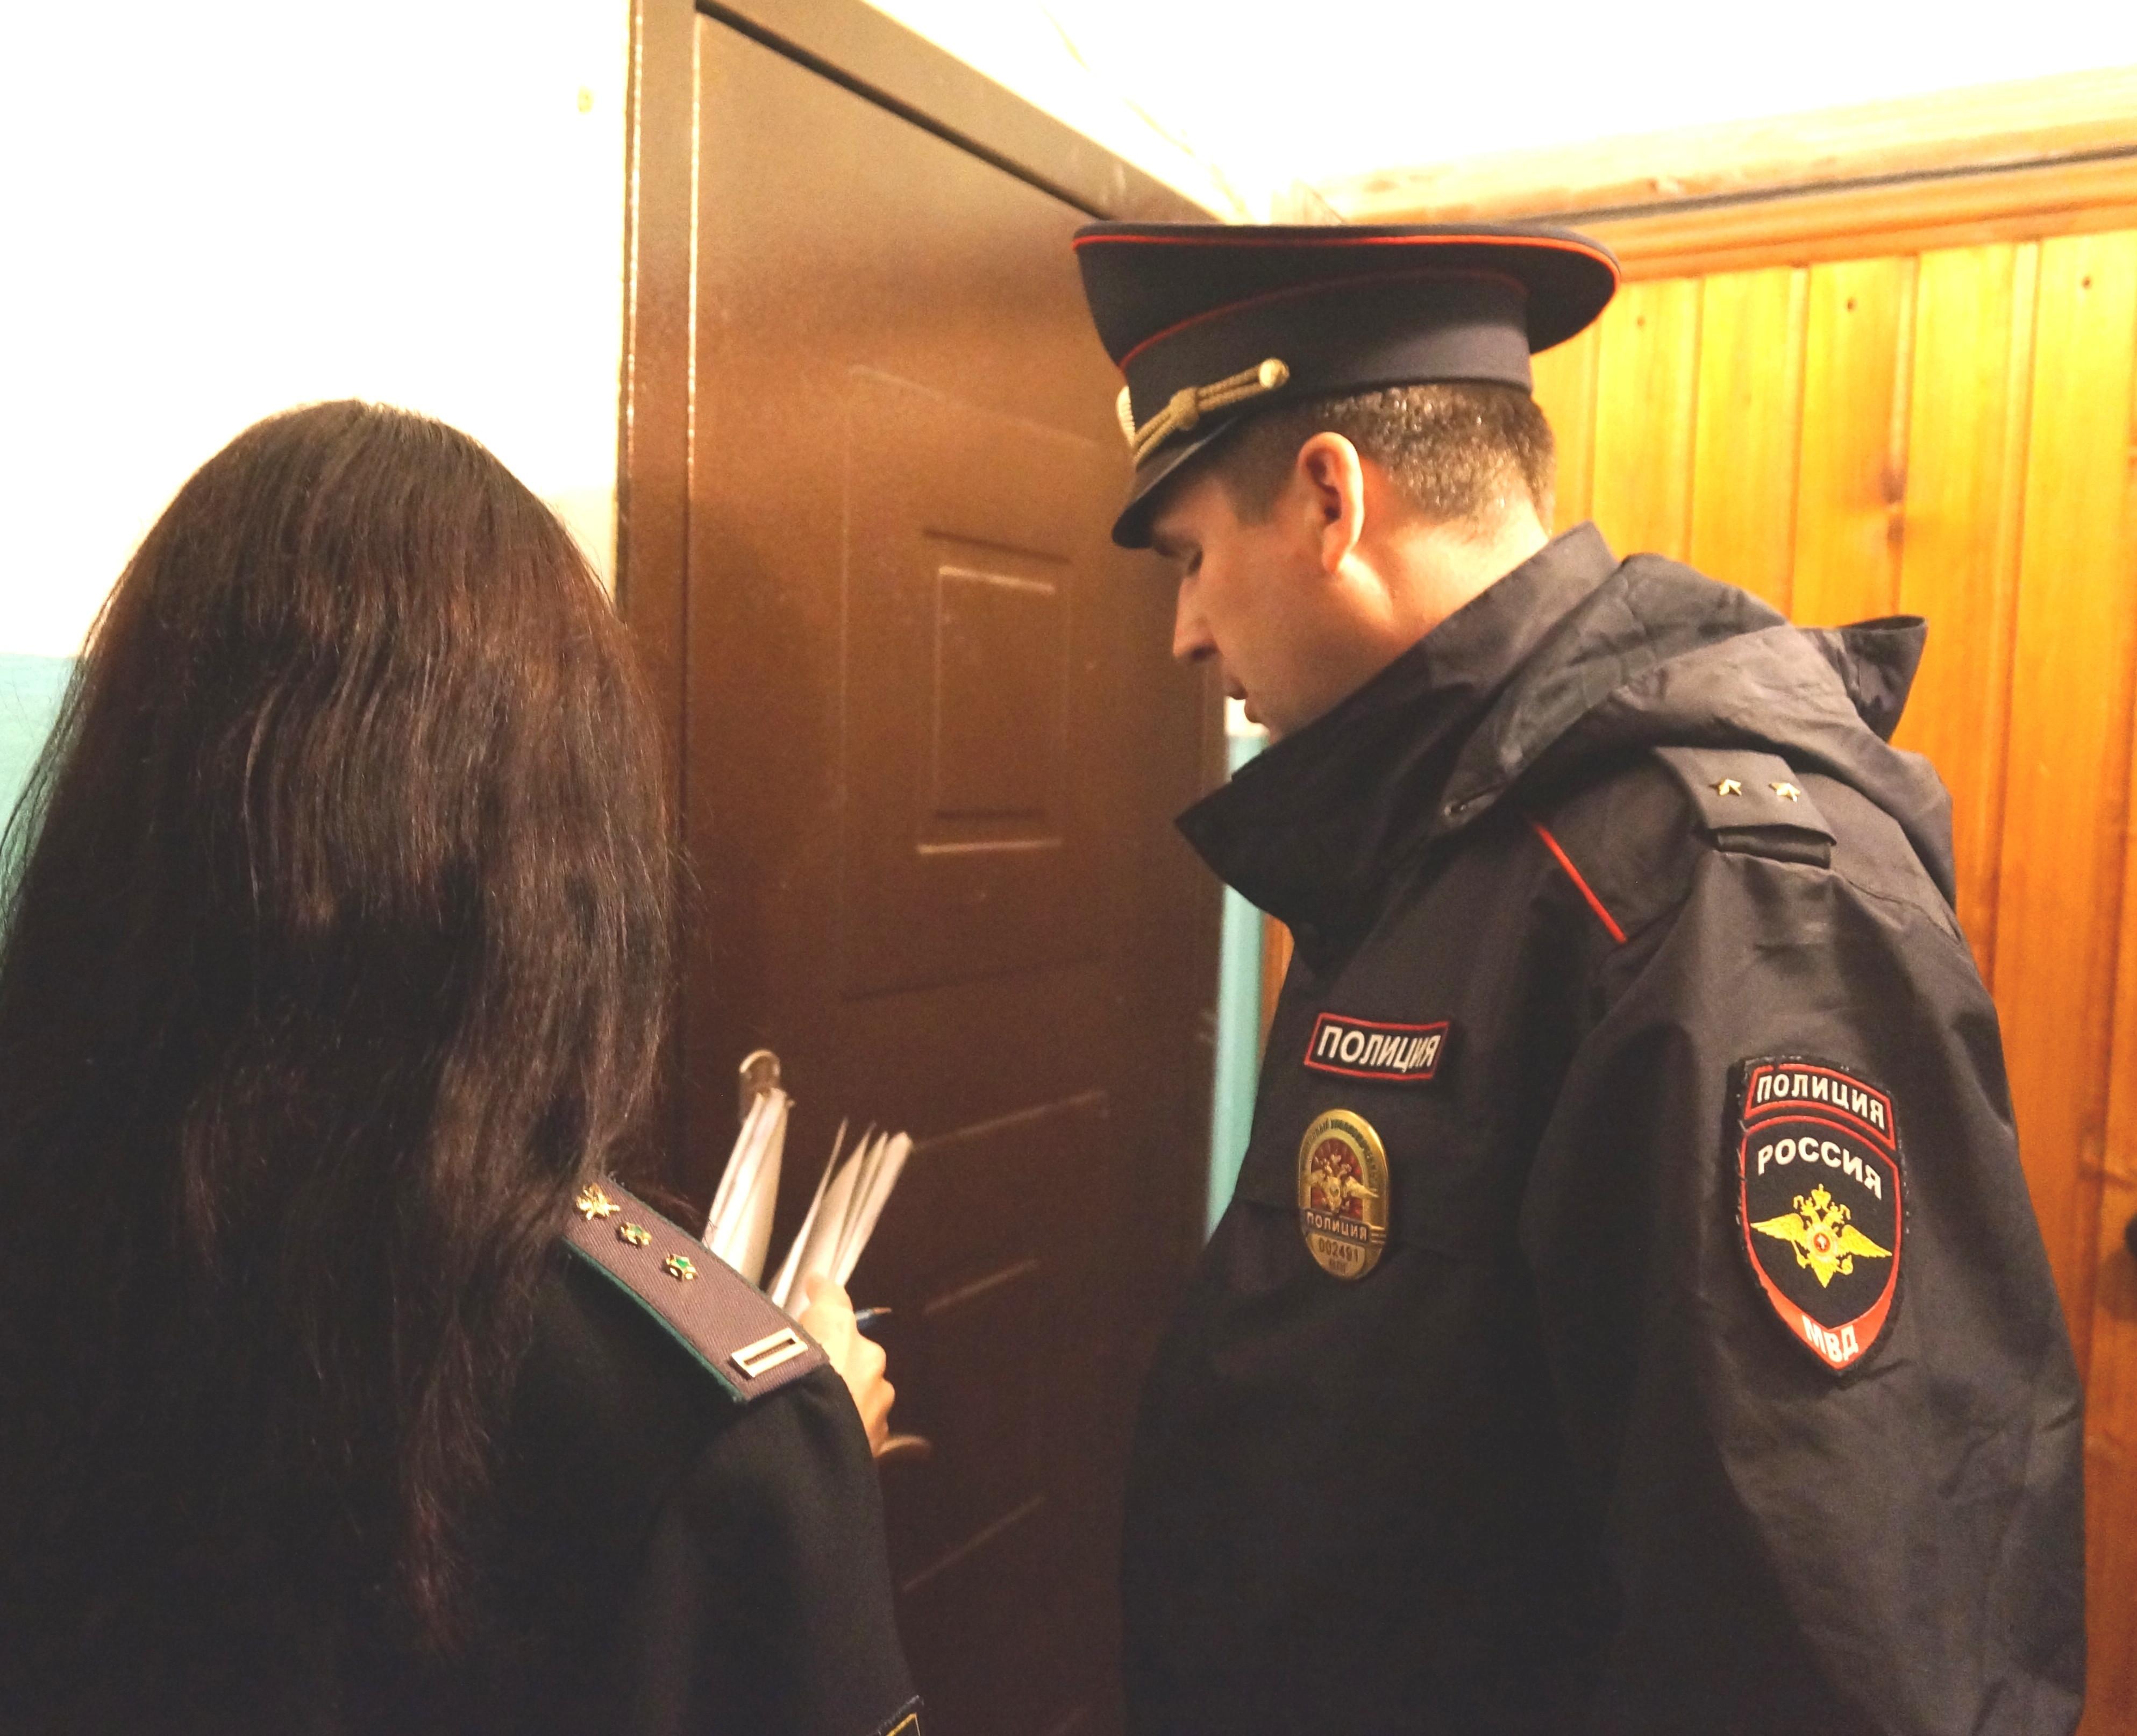 Должников по коммуналке выселили из муниципального жилья